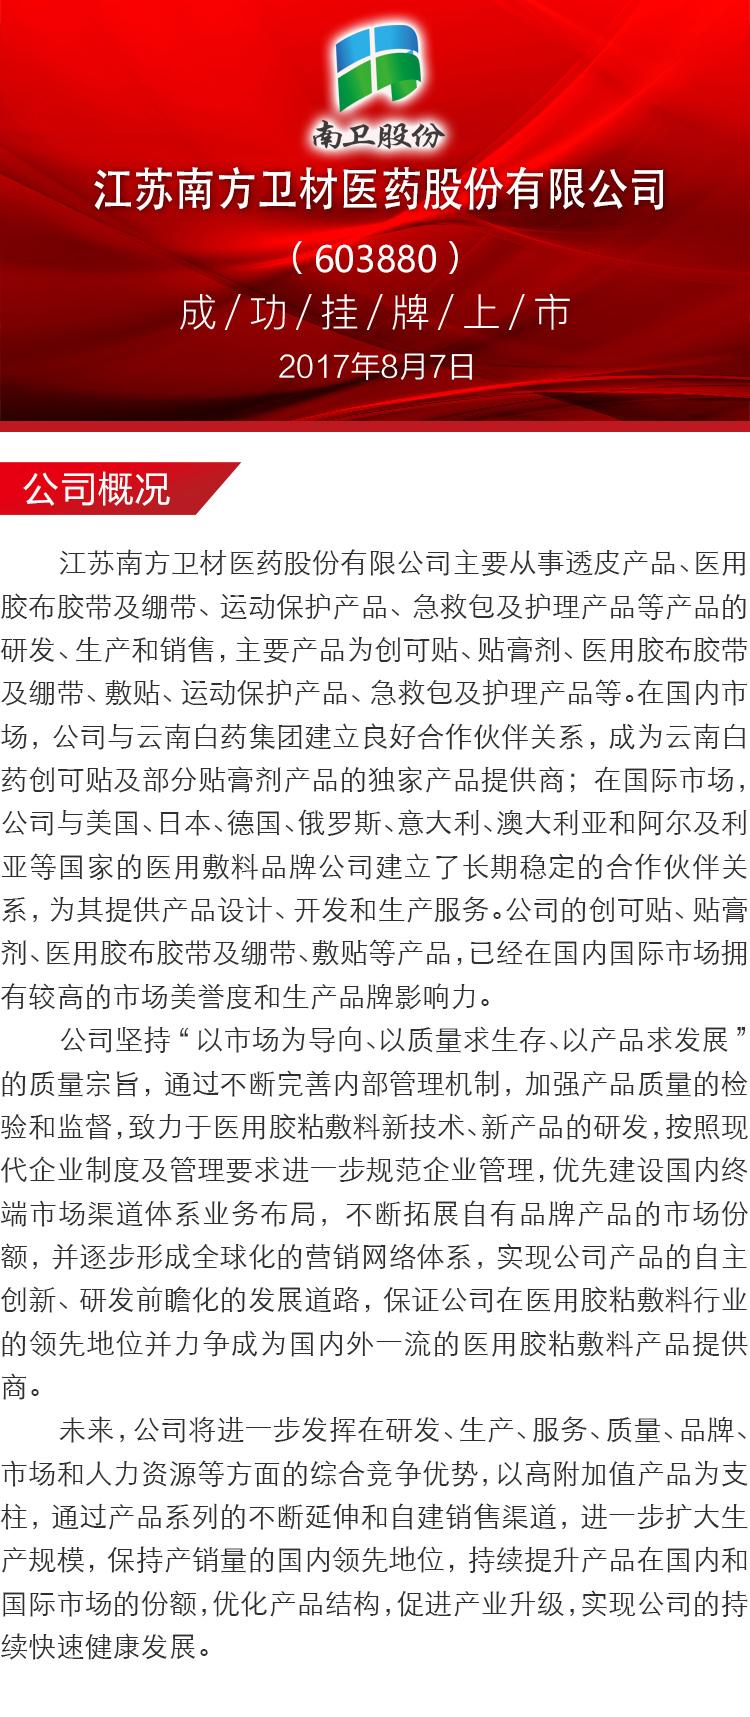 南卫股份-上市海报_01 (1).jpg